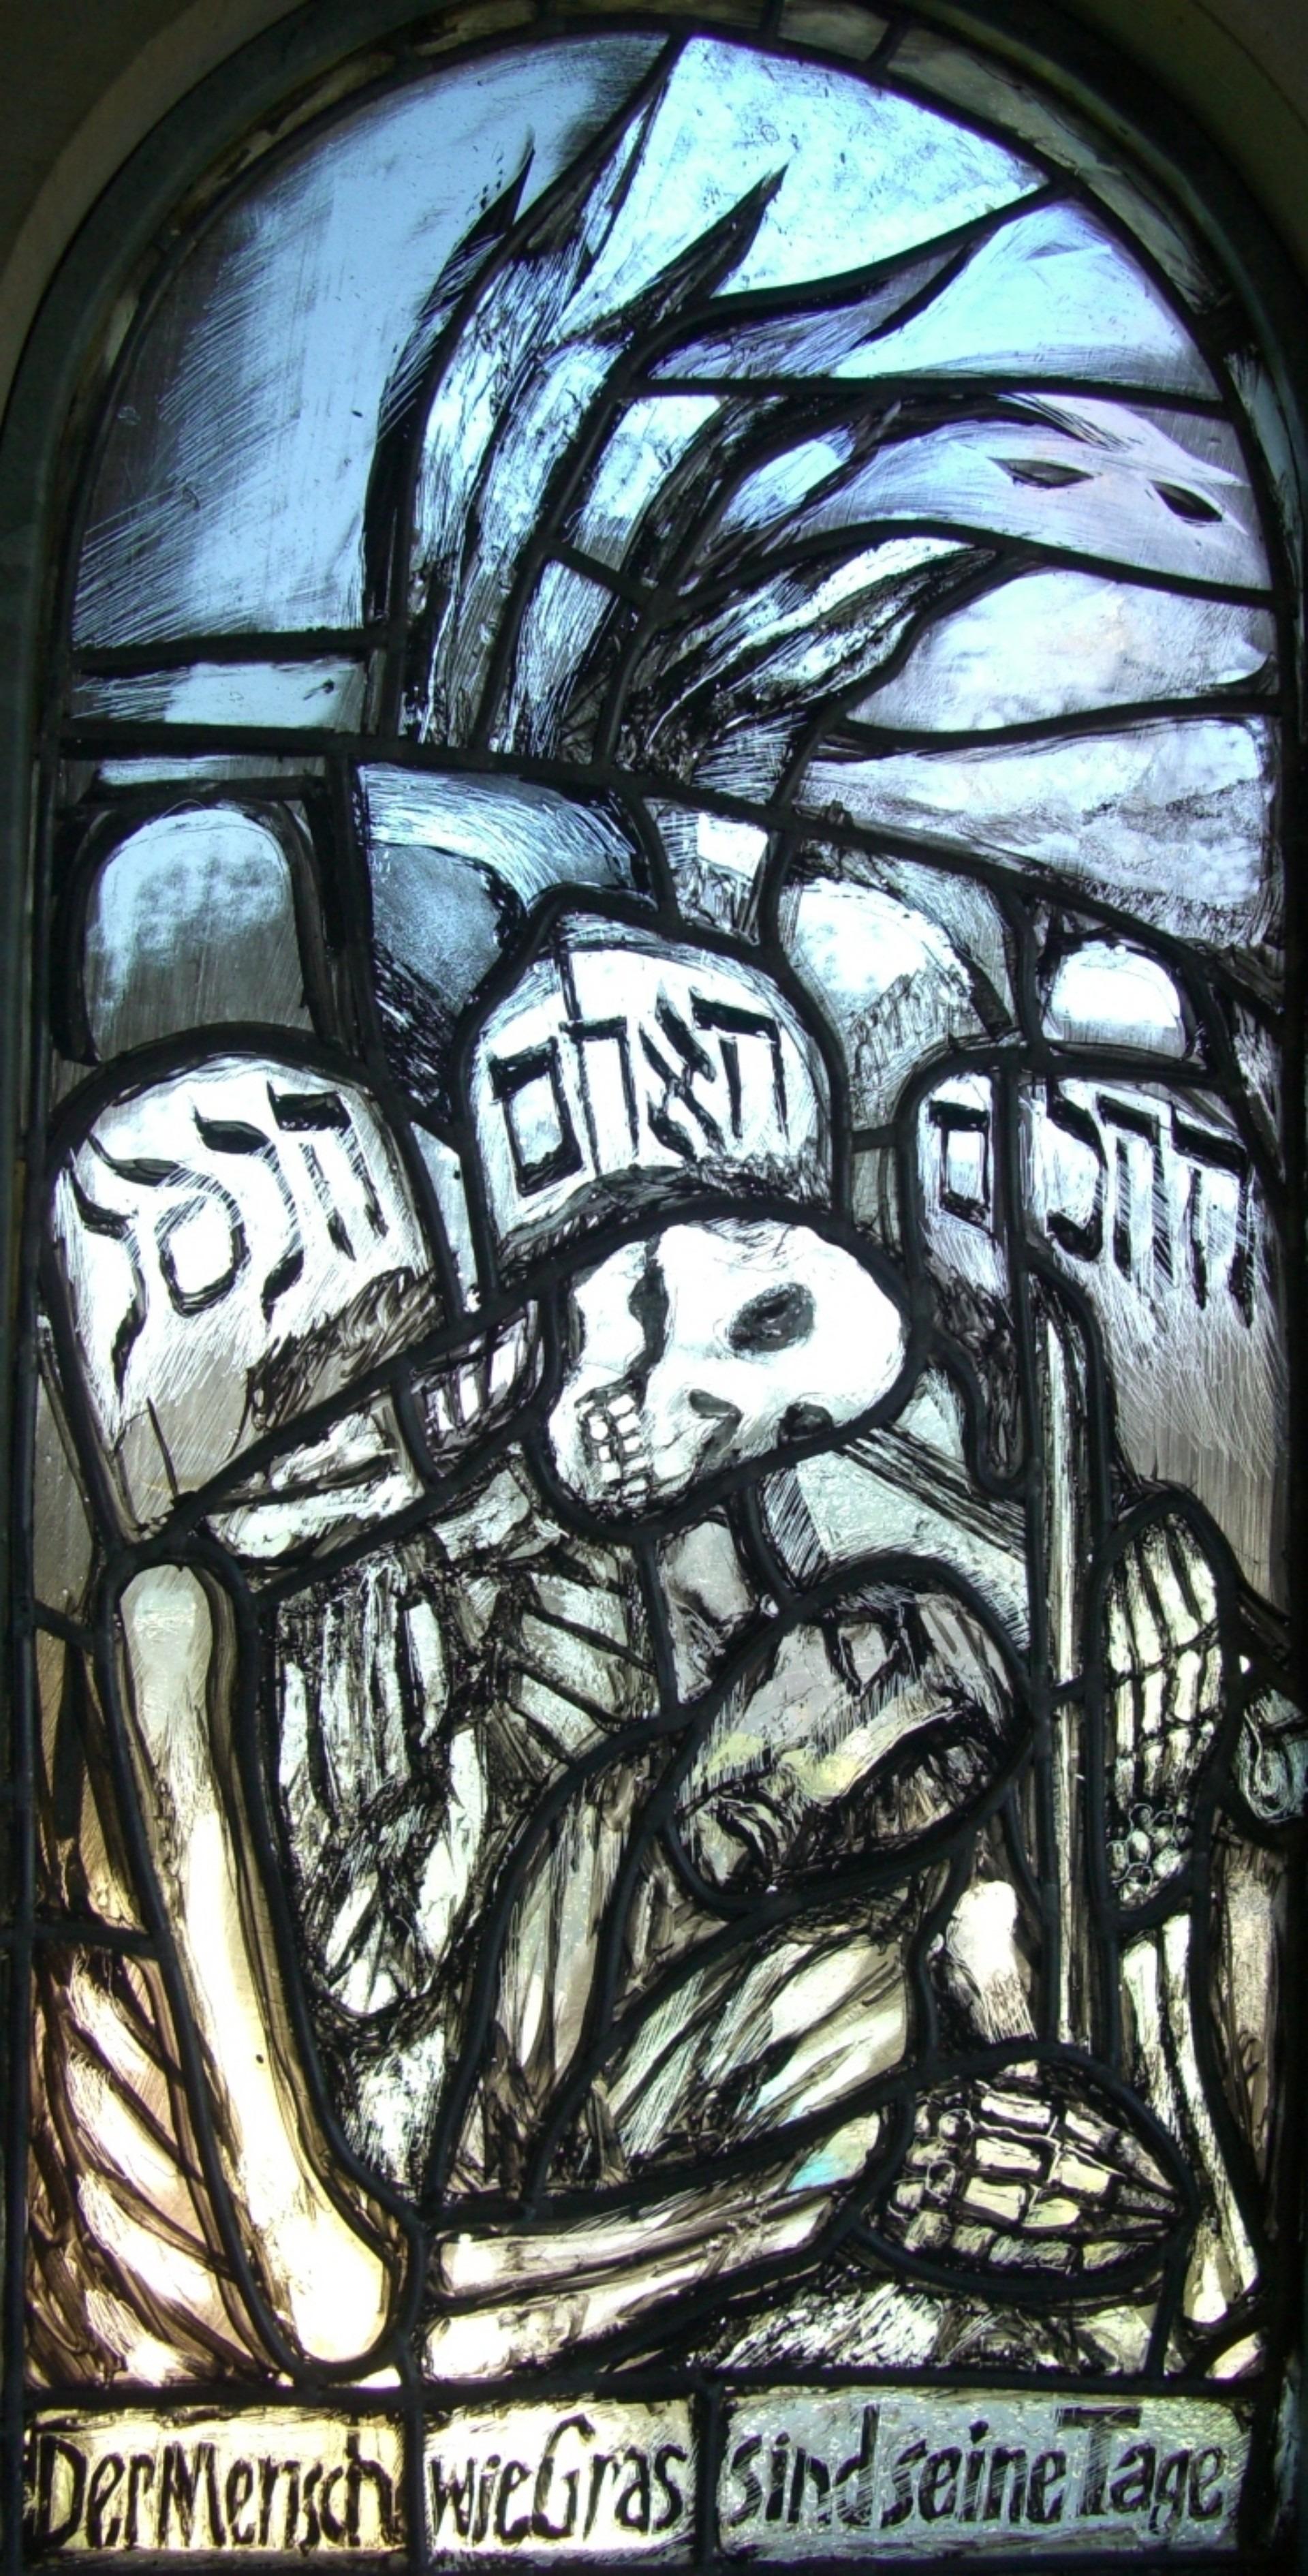 Beautiful glass art by artis gallery - Glass art by artis ...